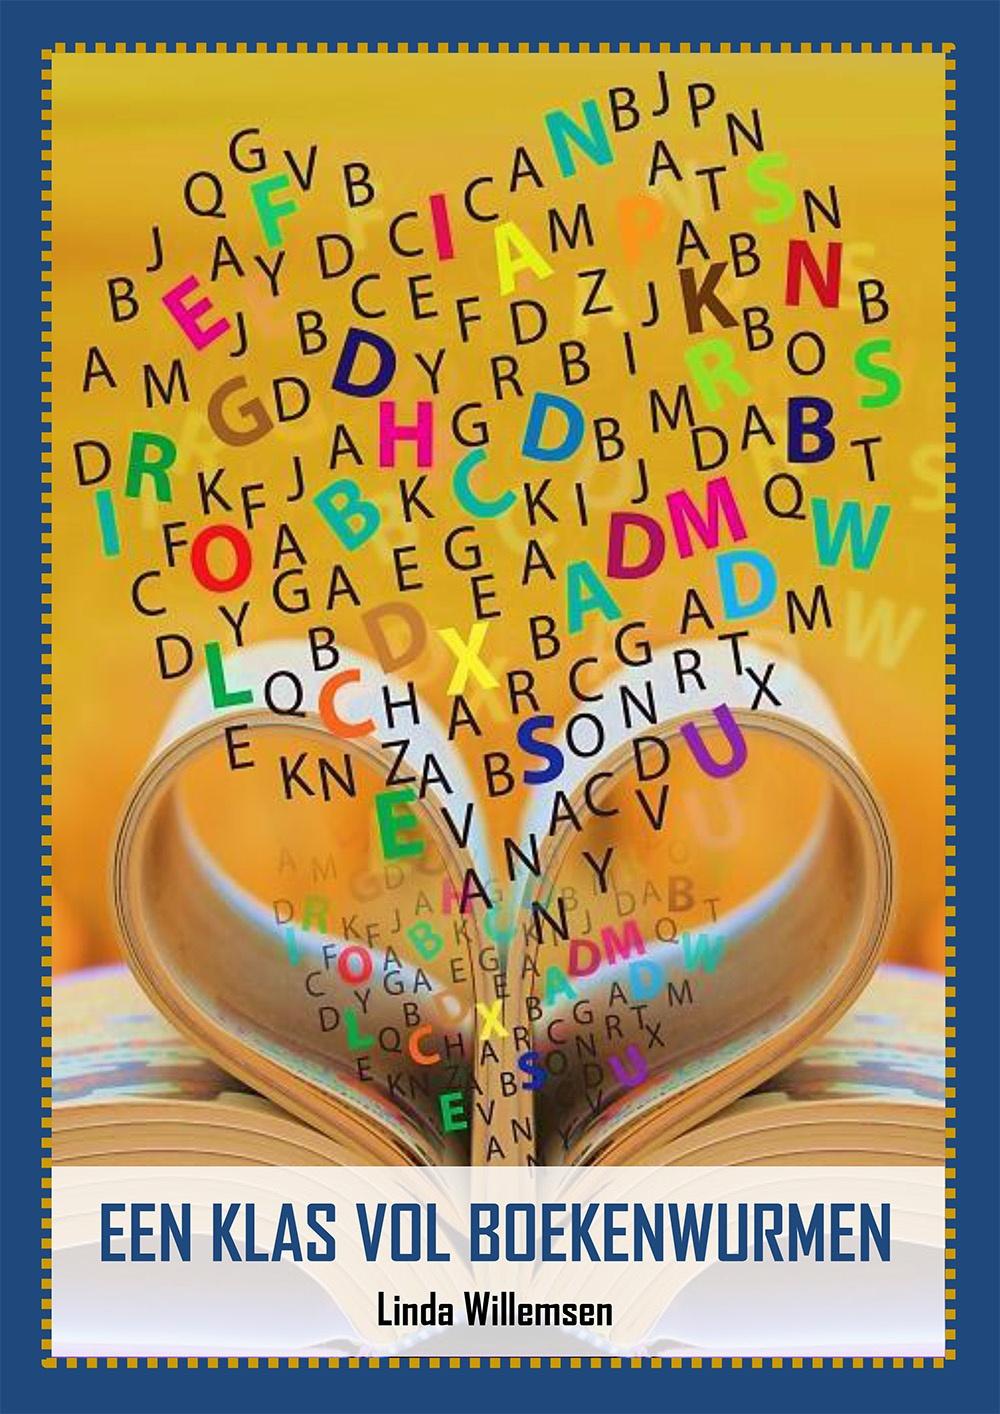 Ebook 'Een klas vol boekenwurmen'